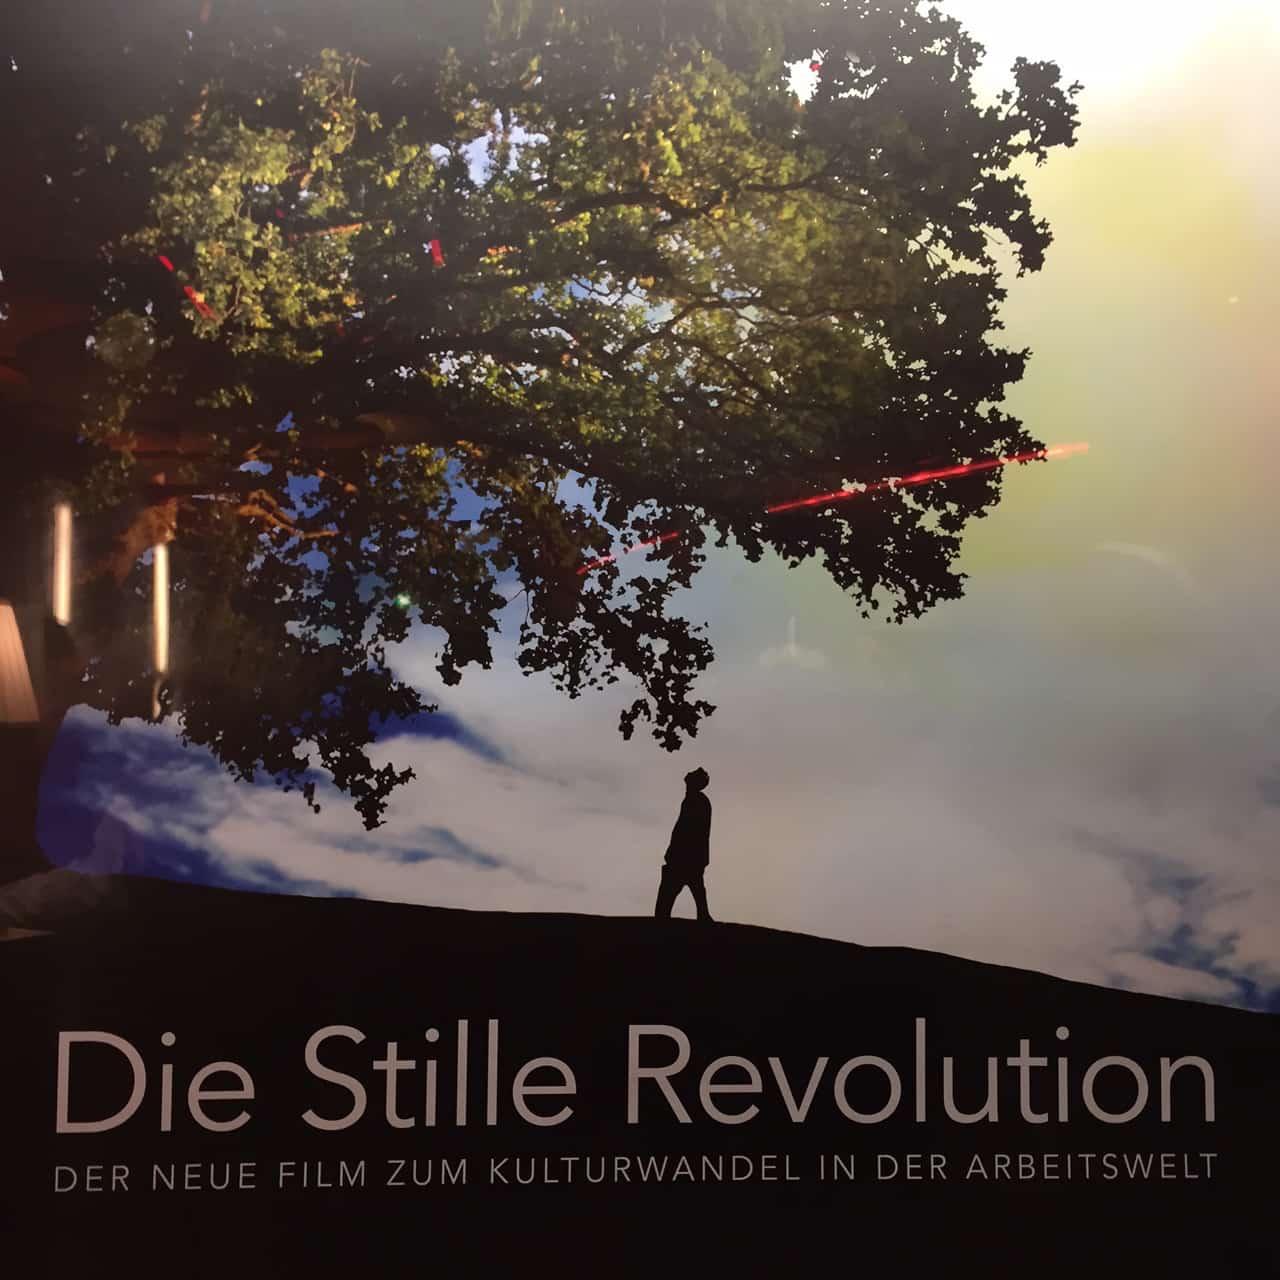 Die Stille Revolution Film